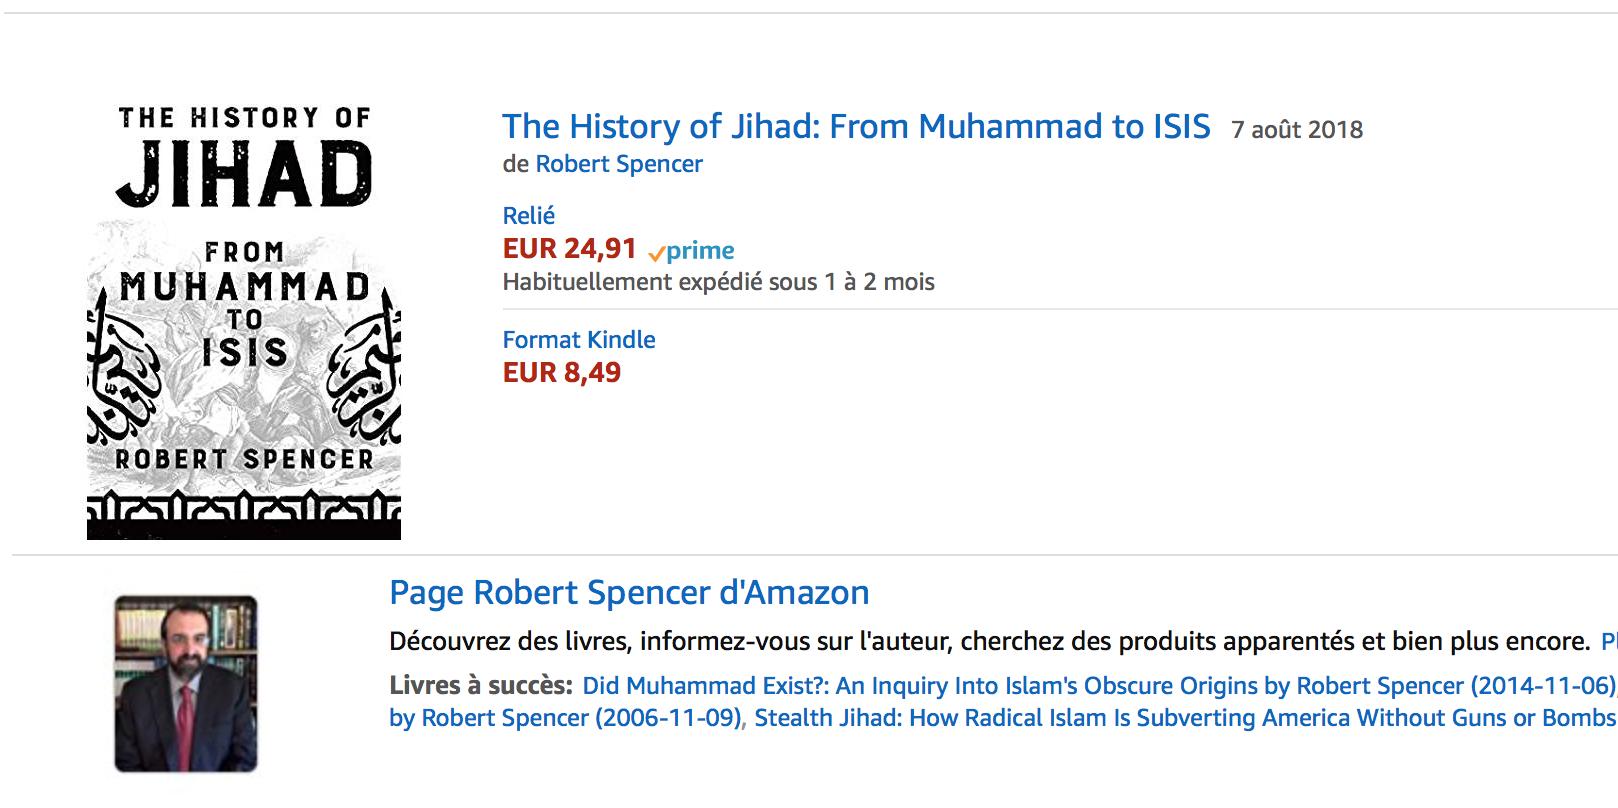 Les gauchistes veulent interdire aux islamophobes l'accès à Amazon, à Mastercard, à Paypal….